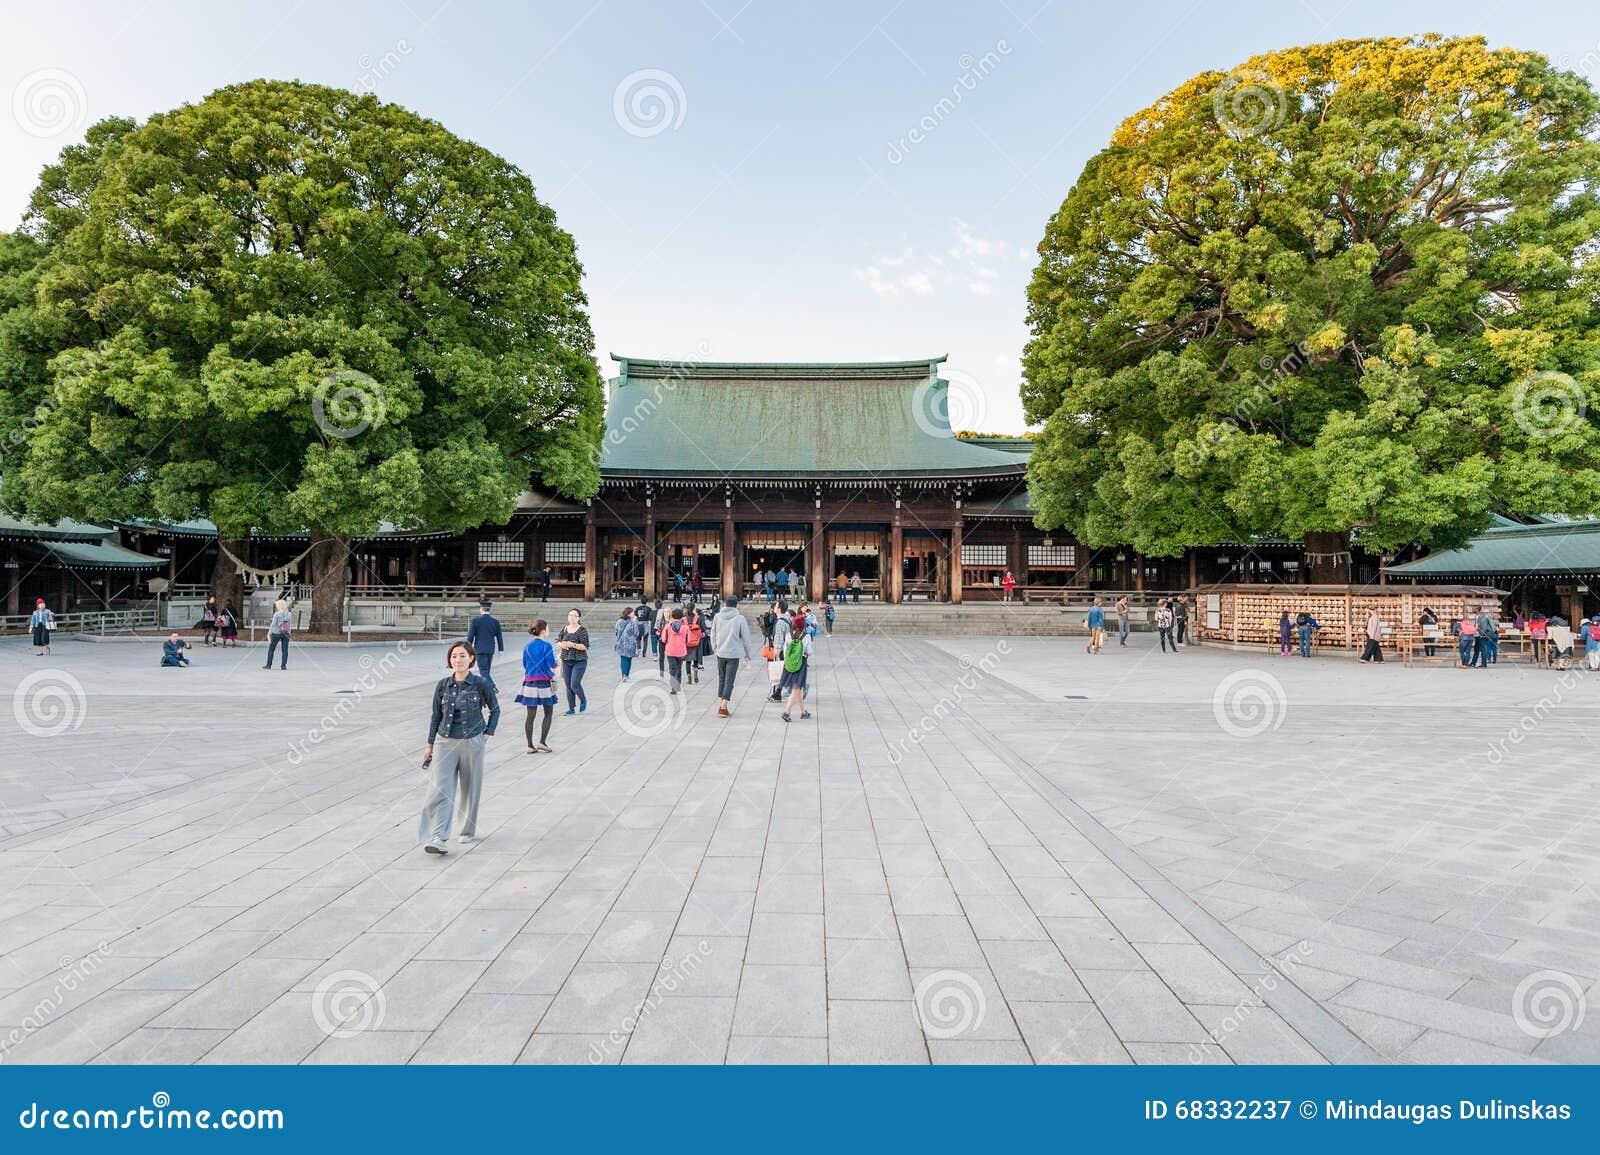 TÓQUIO, JAPÃO - 7 DE OUTUBRO DE 2015: Entrada a Meiji Shrine imperial situada em Shibuya, santuário do Tóquio que é dedicado ao d